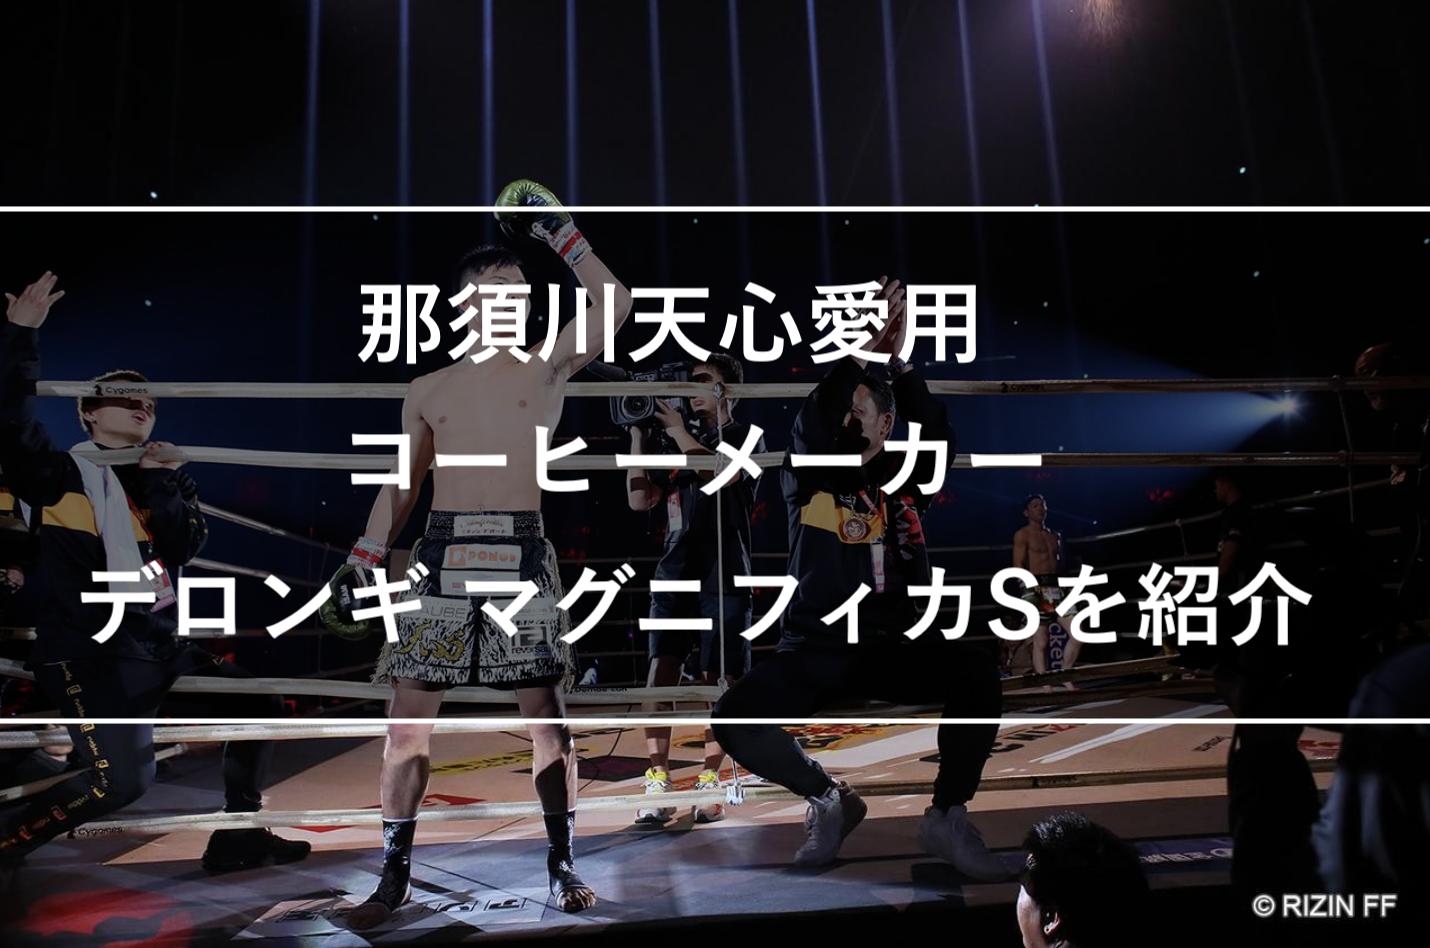 那須川天心愛用コーヒーメーカー「デロンギ マグニフィカS」をコーヒー好きの元格闘家が紹介します